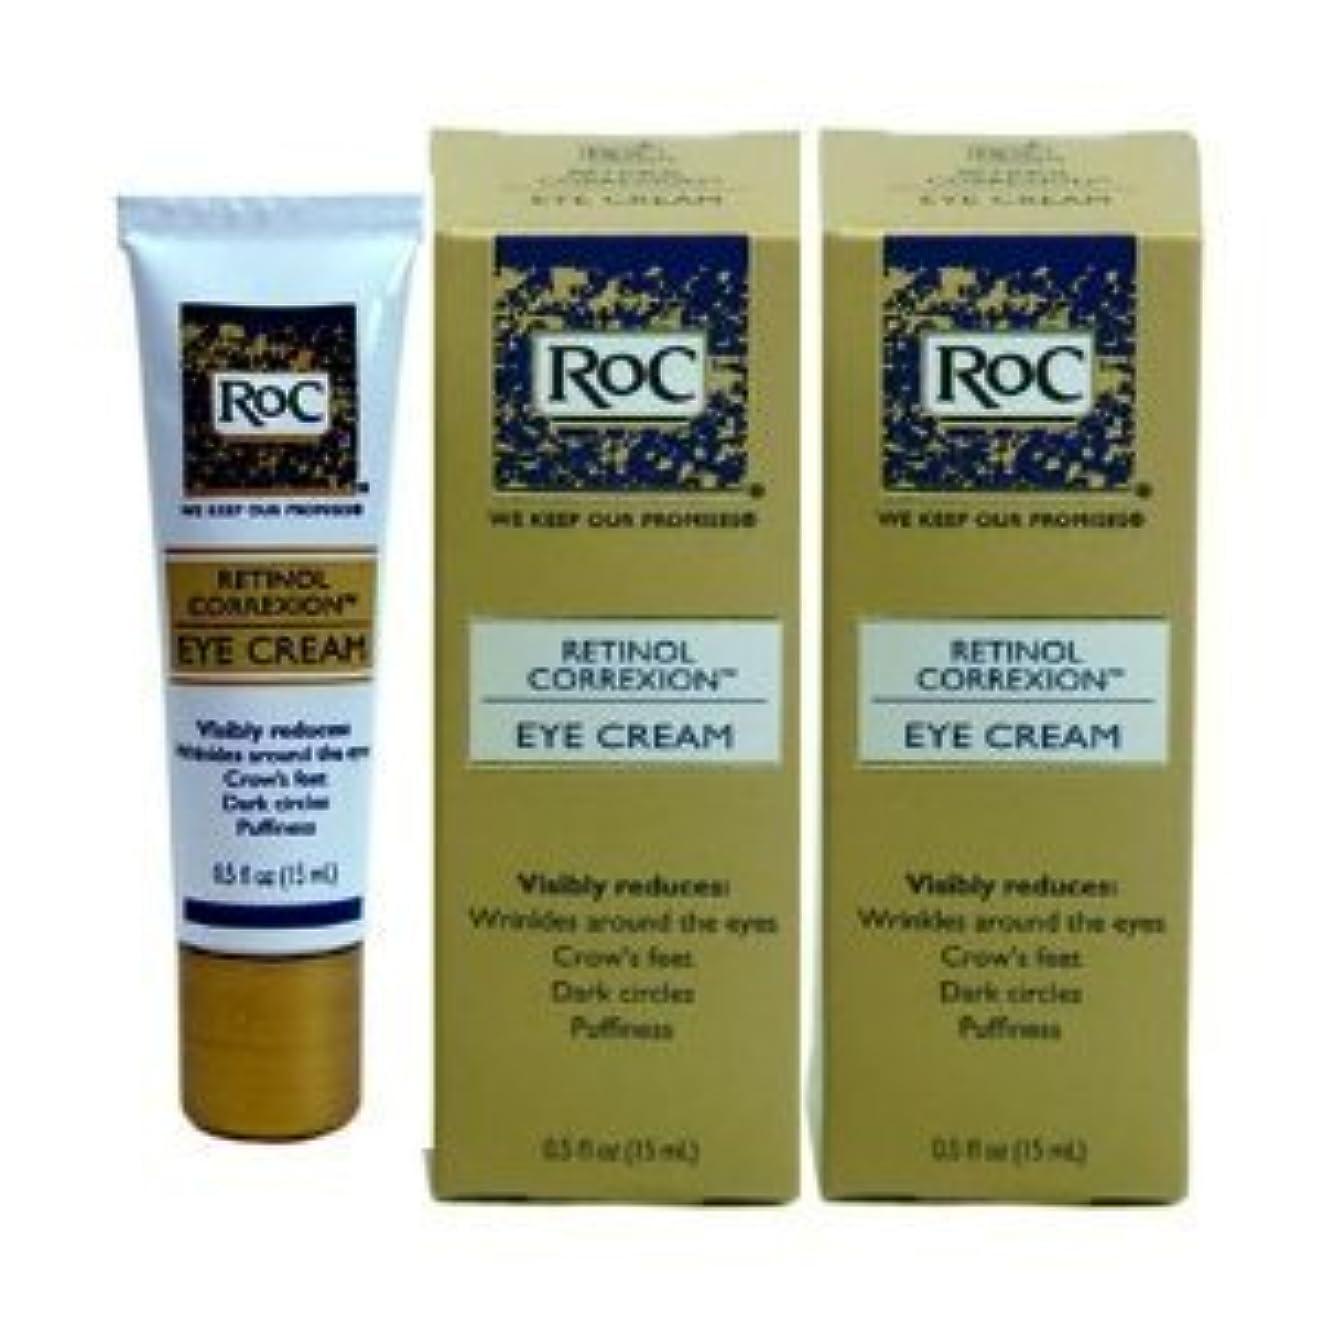 心配換気する評判お買い得 ロック レチノール アイクリーム (2本セット) RoC Retinol Correxion Eye Cream, 15ml x 2【平行輸入品】